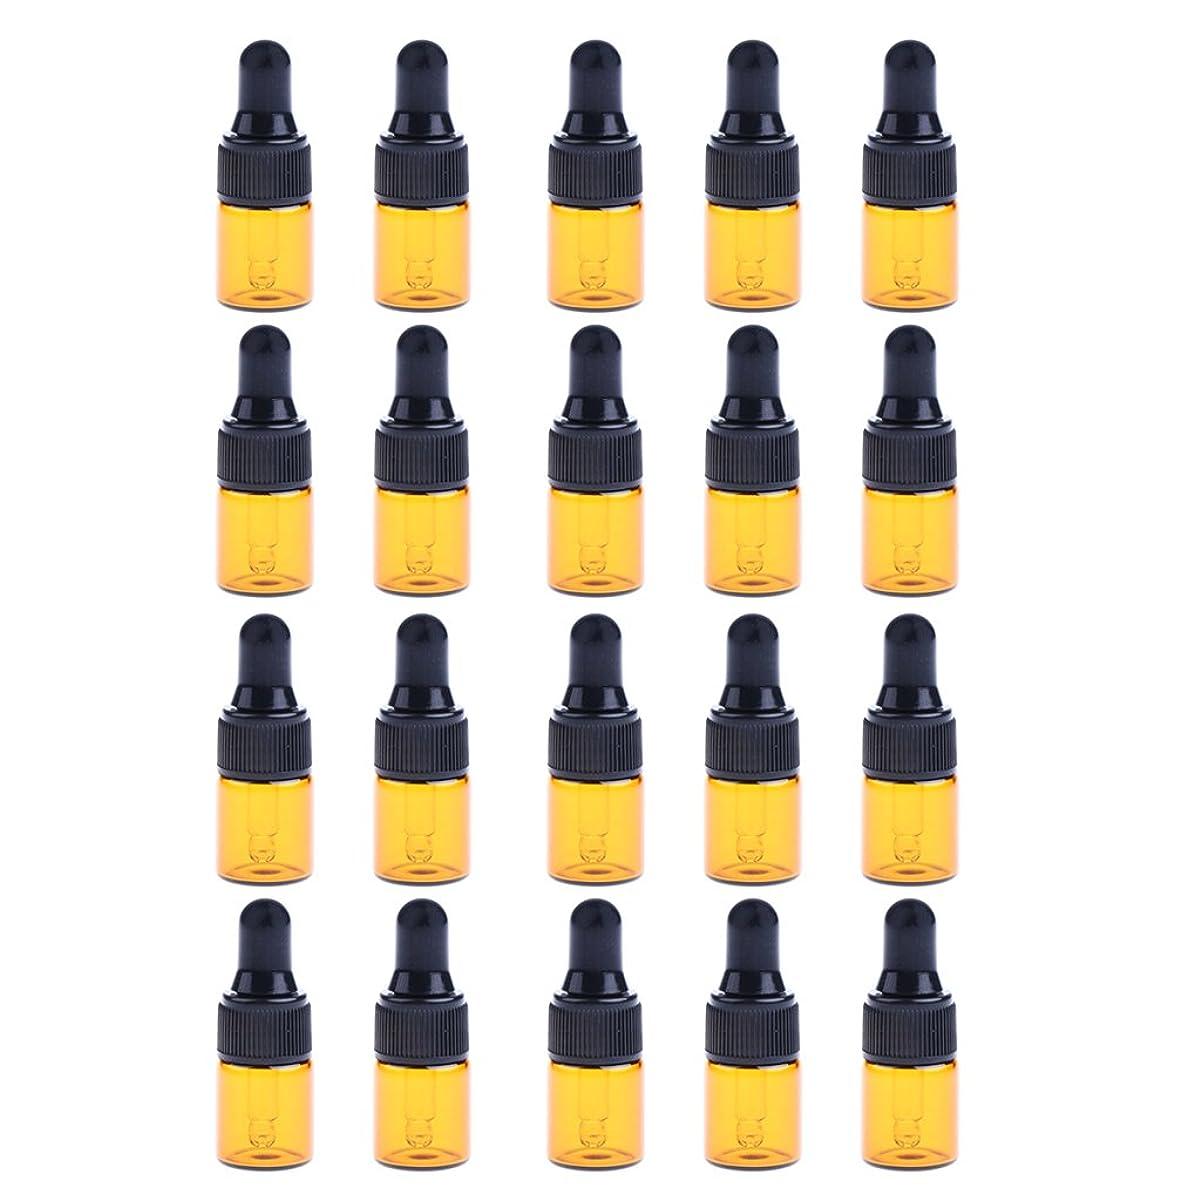 レキシコン描く遅いIPOTCH 約20個 ドロッパーボトル エッセンシャルオイル ミニサイズ 詰め替え可 ガラス スポイトボトル 3サイズ選べる - 1ML